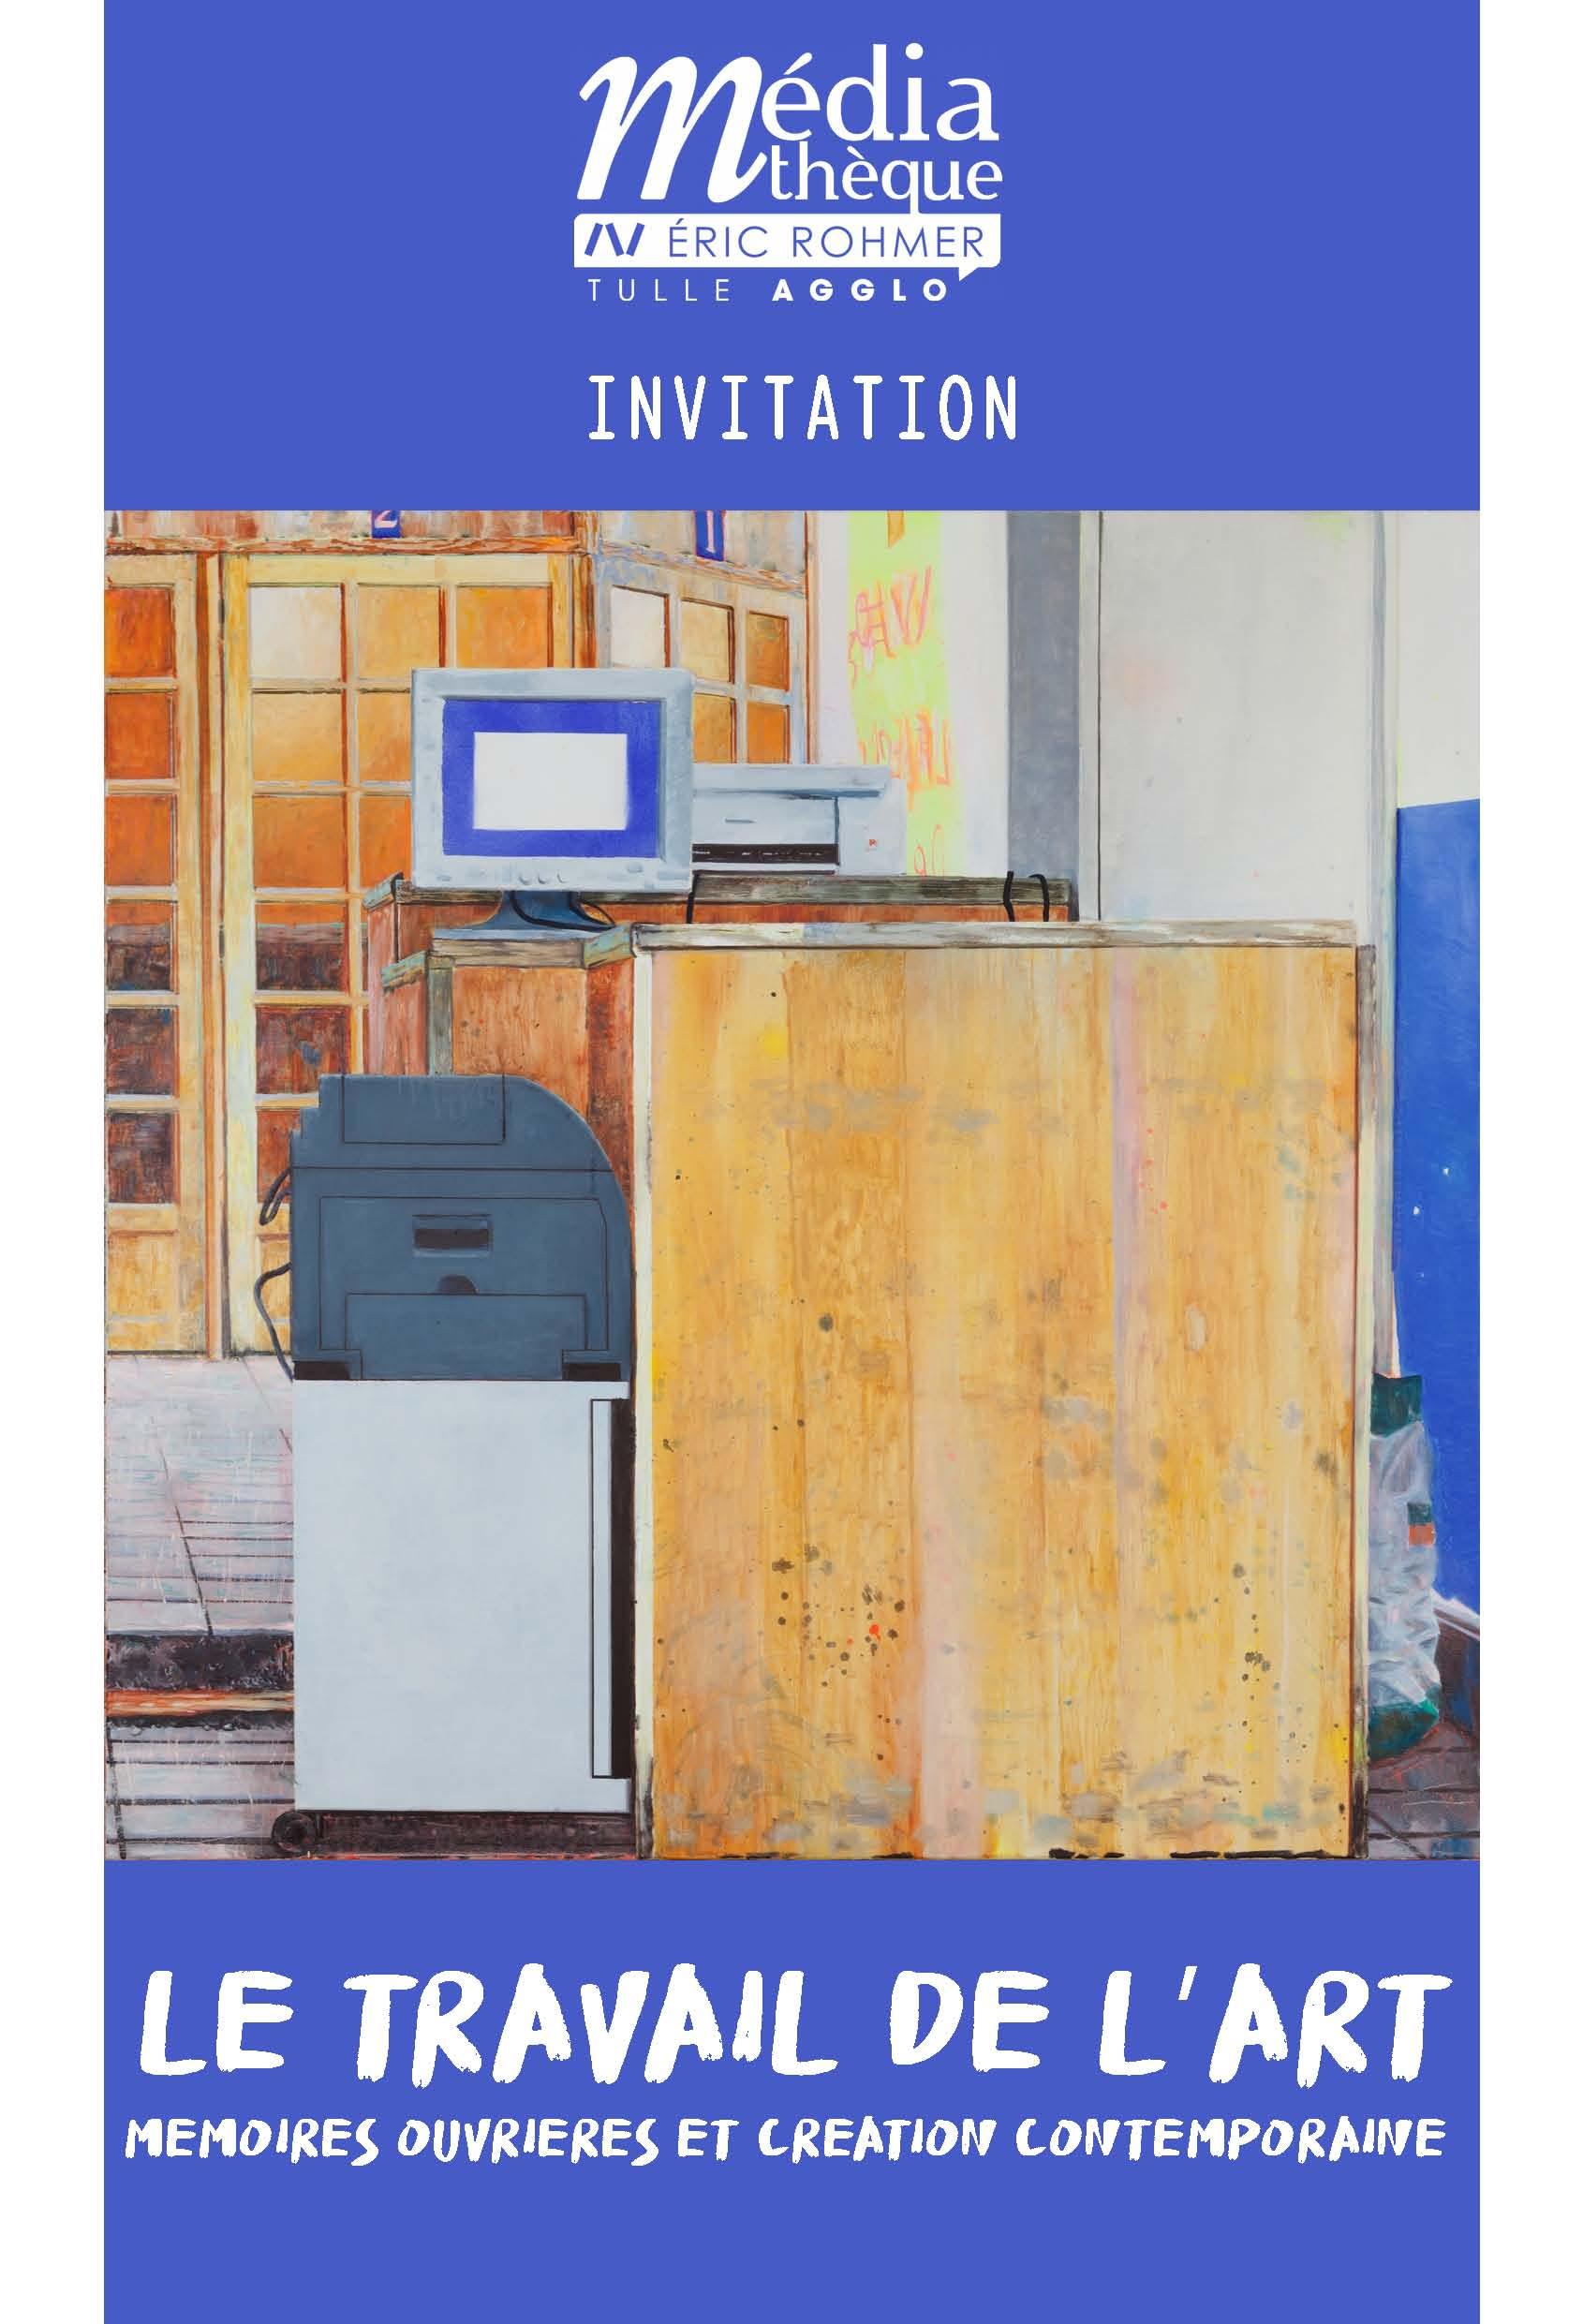 Tulle_FRAC-Artothèque_Invitation_2019_Pa